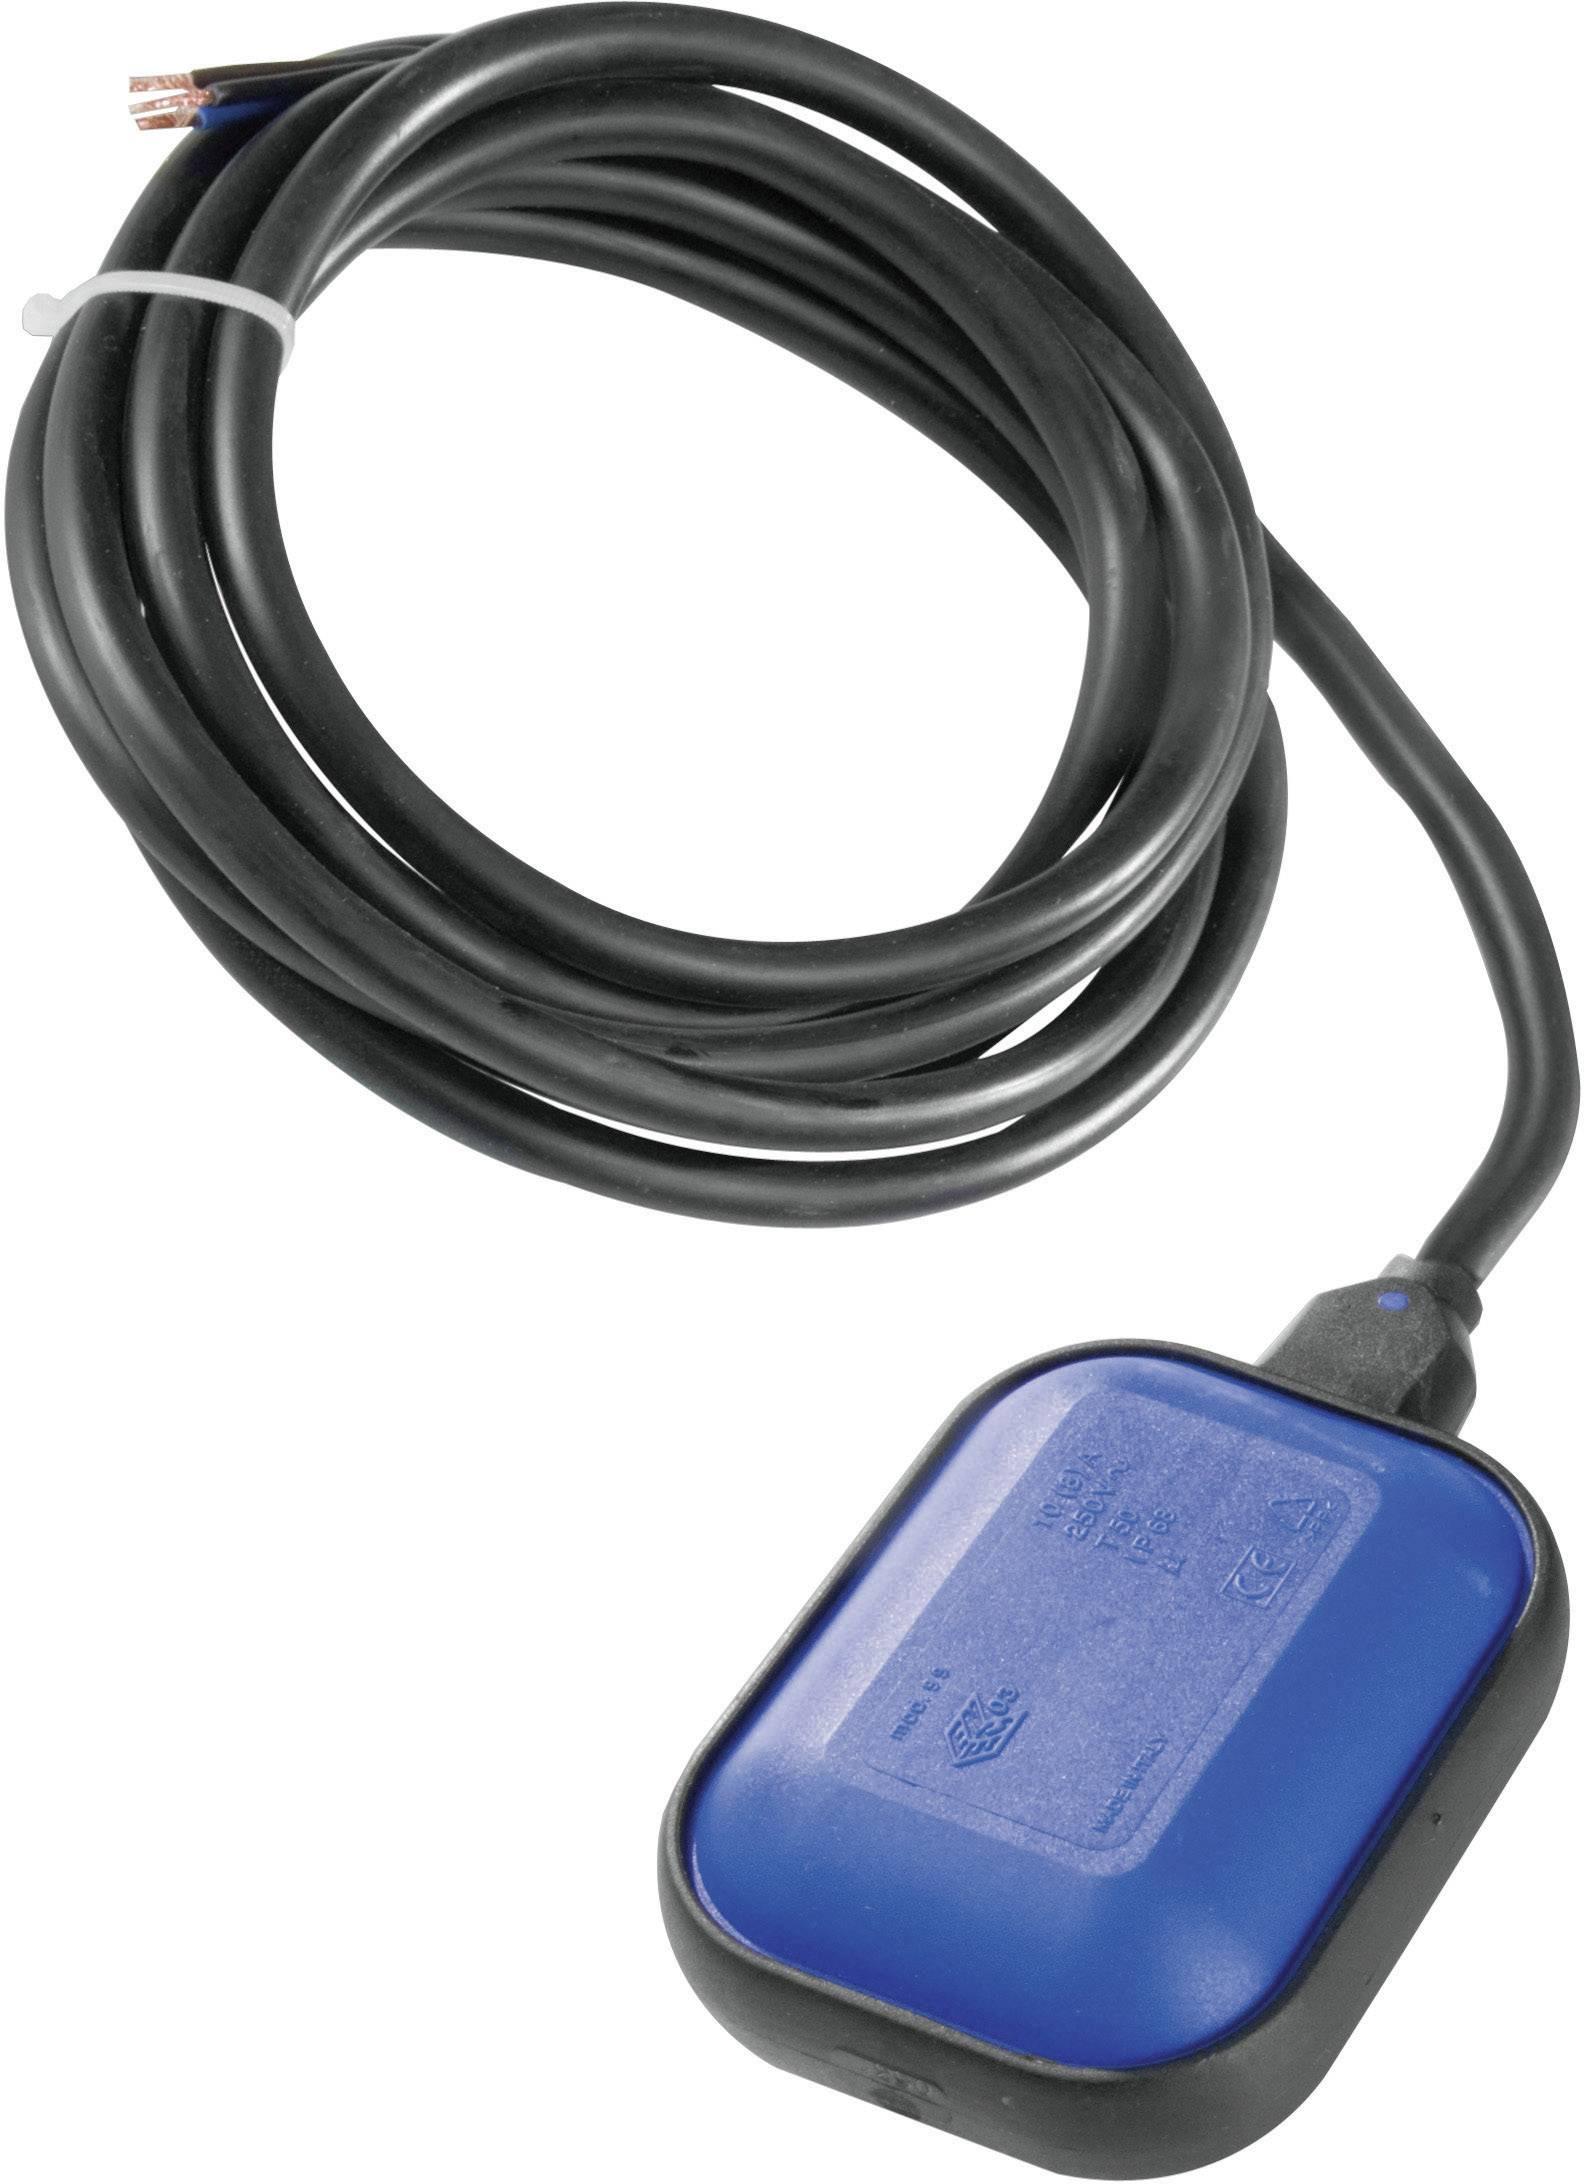 Plavákový spínač pre napúšťanie/vypúšťanie Wallair 1CLRLG025NEOP, 5 m, modrý